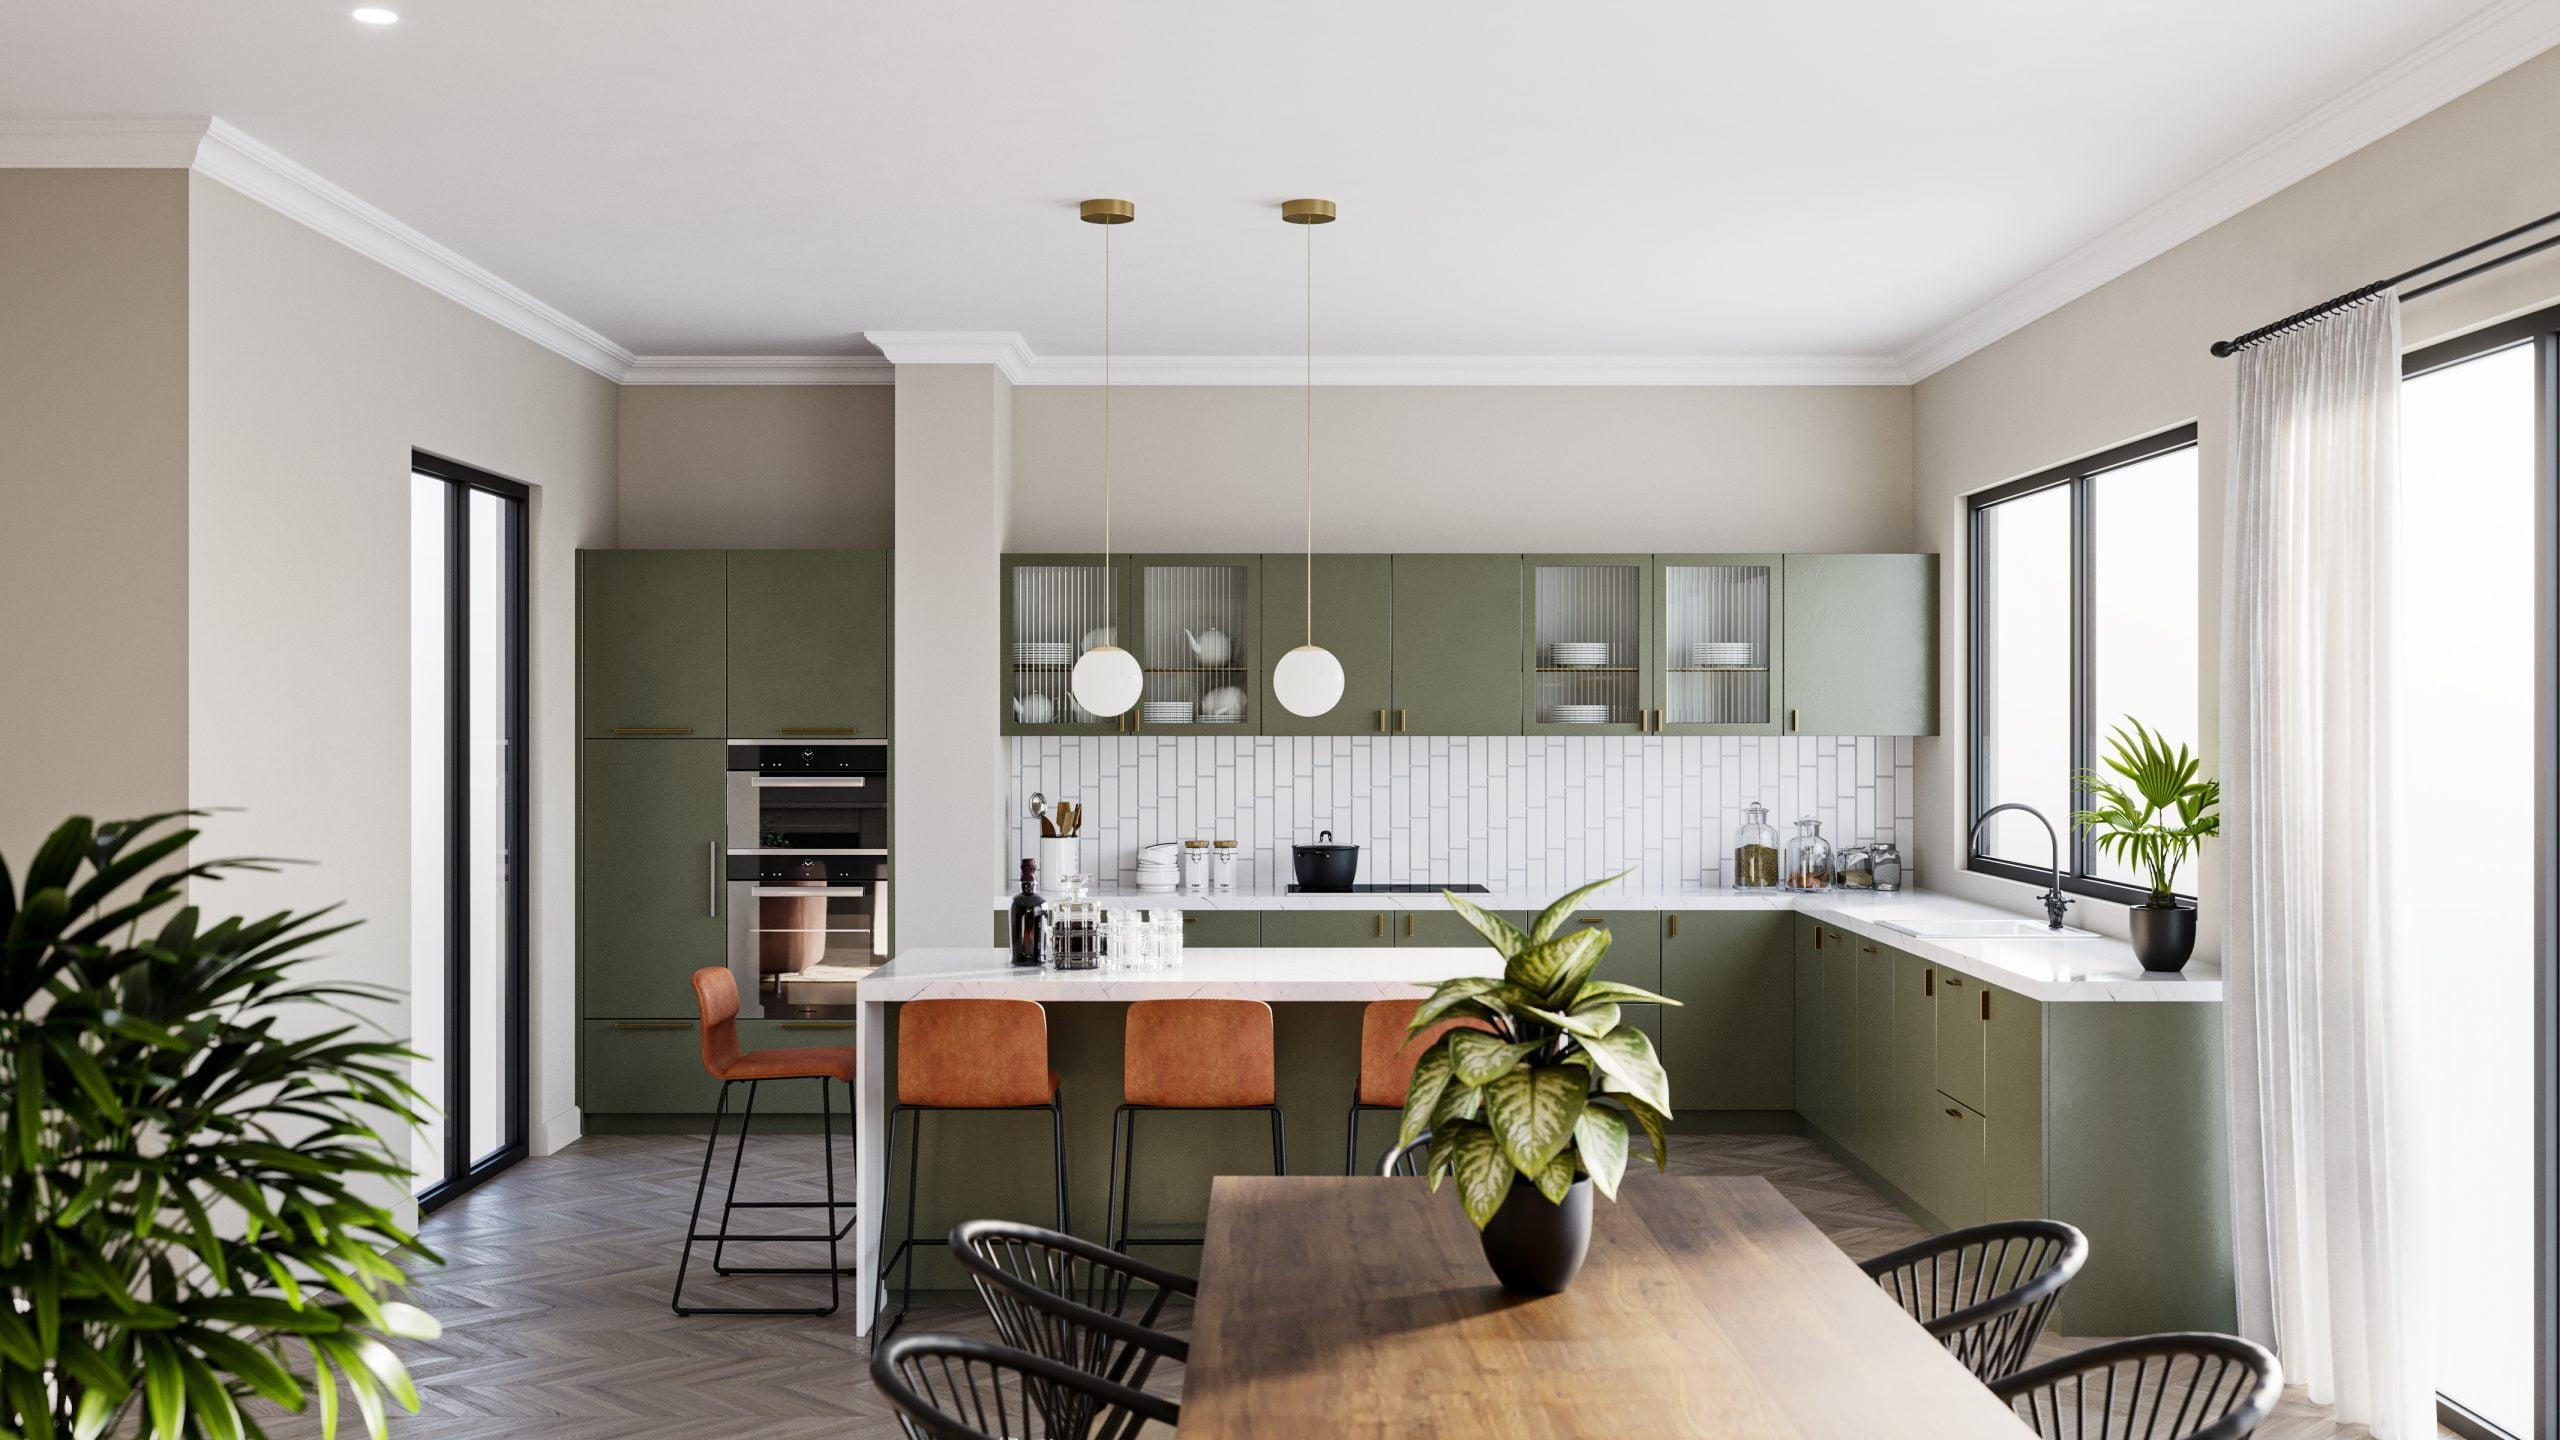 Kitchen high resolution